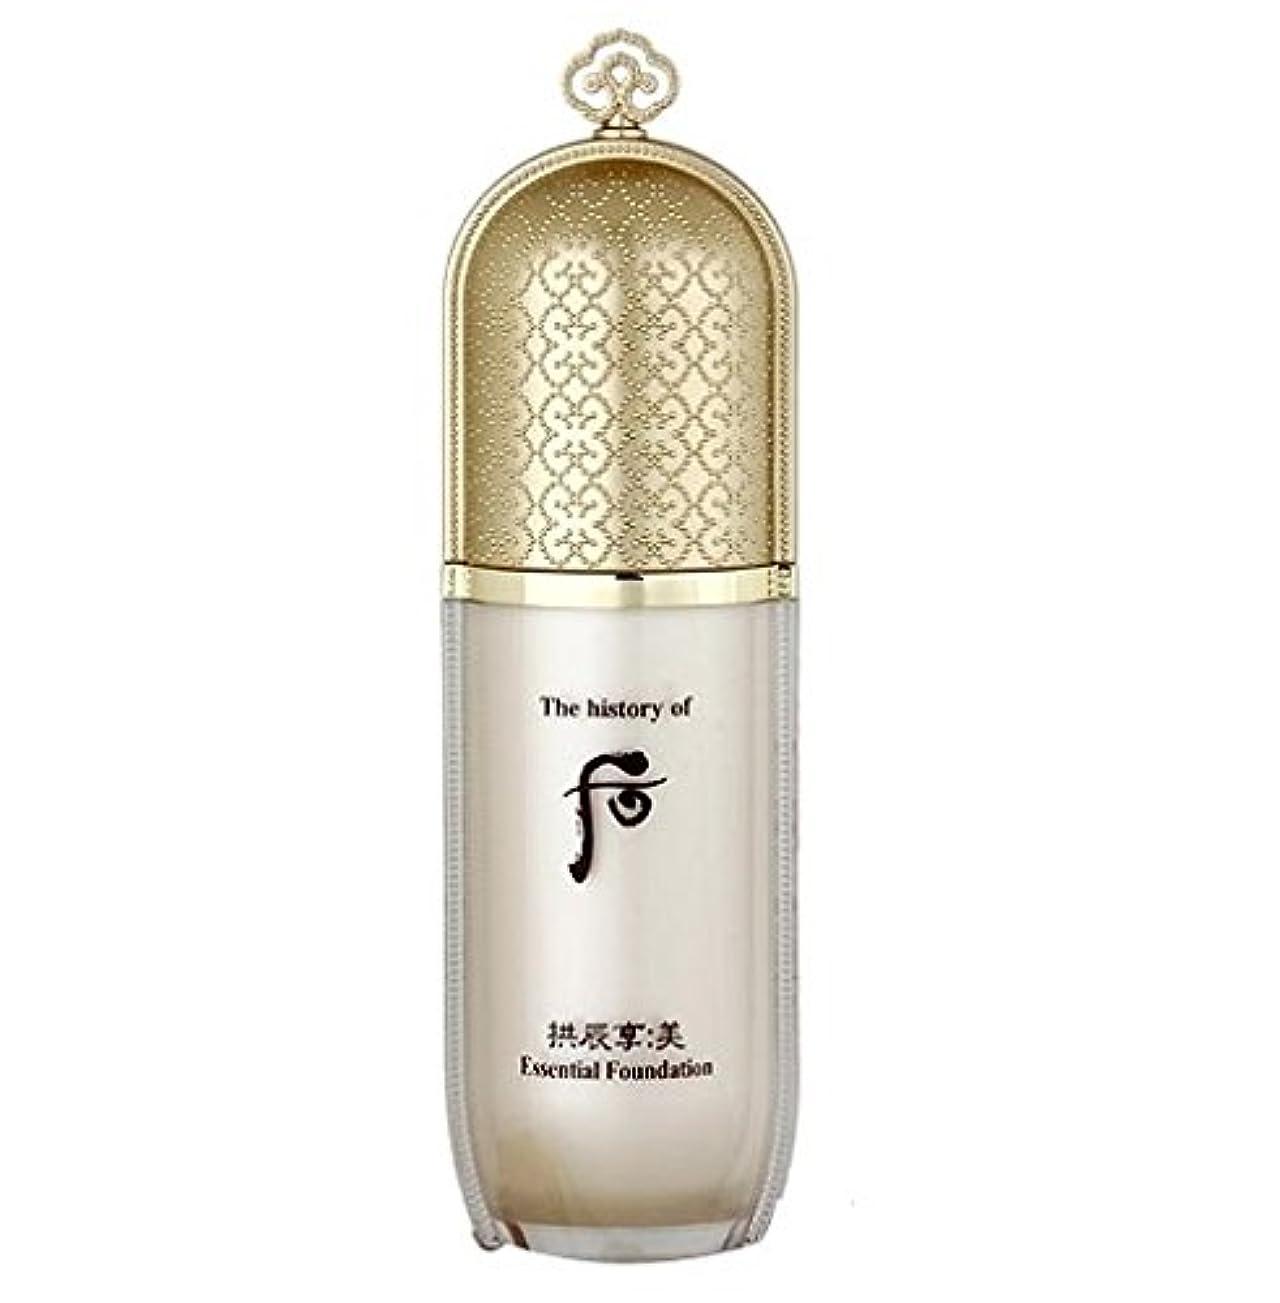 金貸し性交帝国主義The history of Whoo Gongjinhyang Mi Essential Foundation #2 40ml K-beauty[並行輸入品]